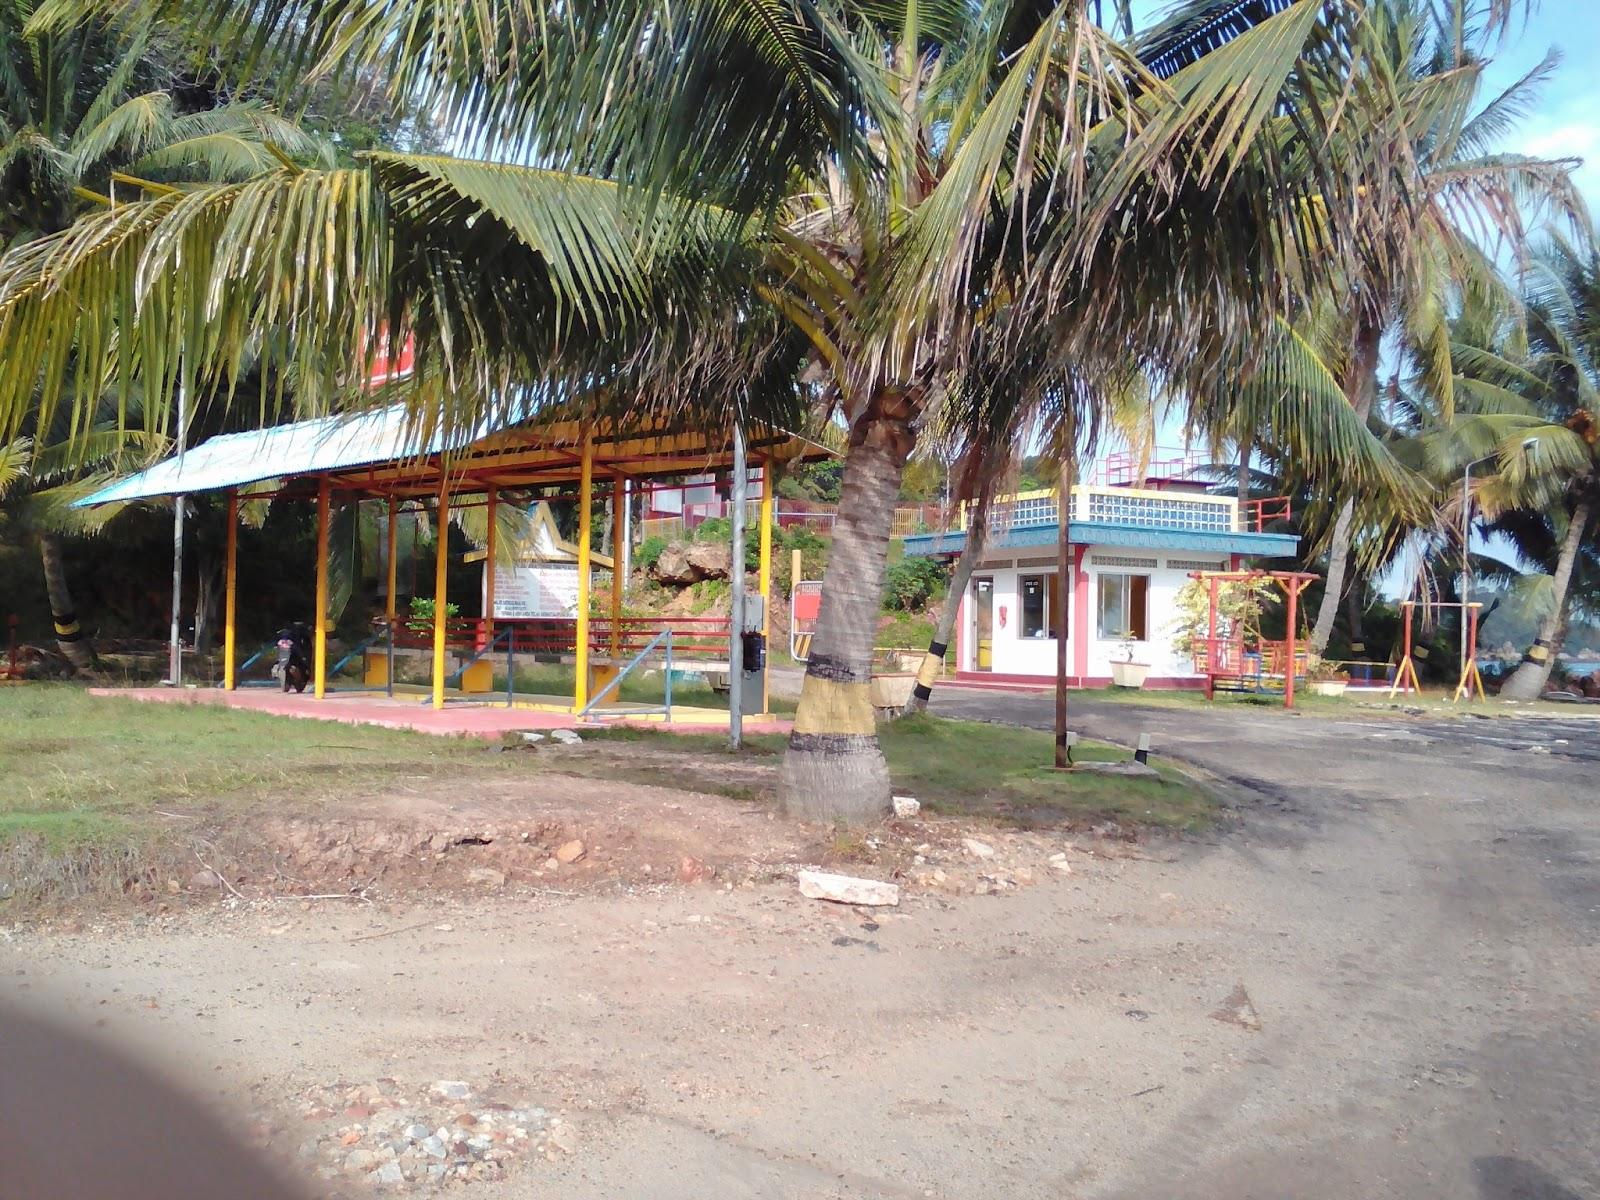 Pesona Indah Pulau Sambu Kota Batam